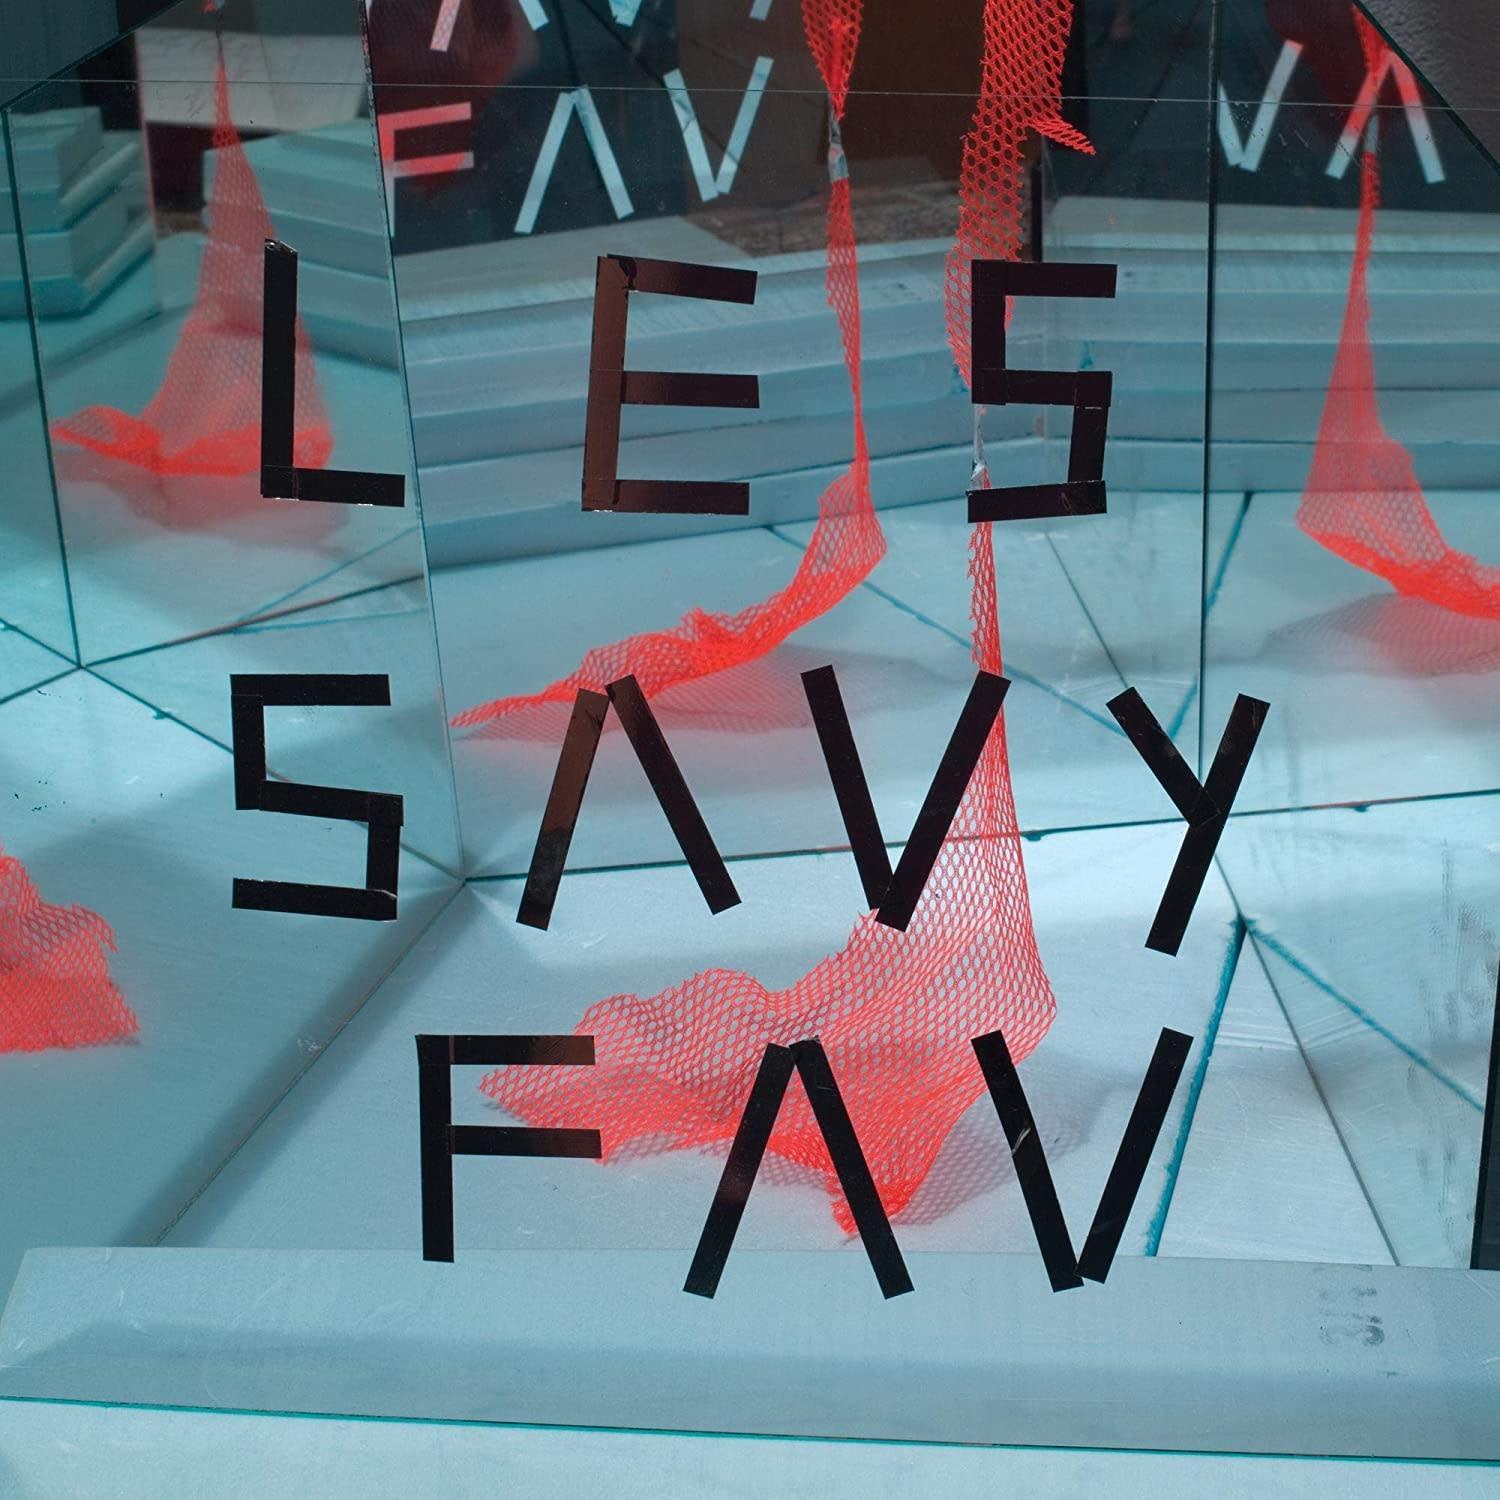 Les Savy Fav – Root For Ruin